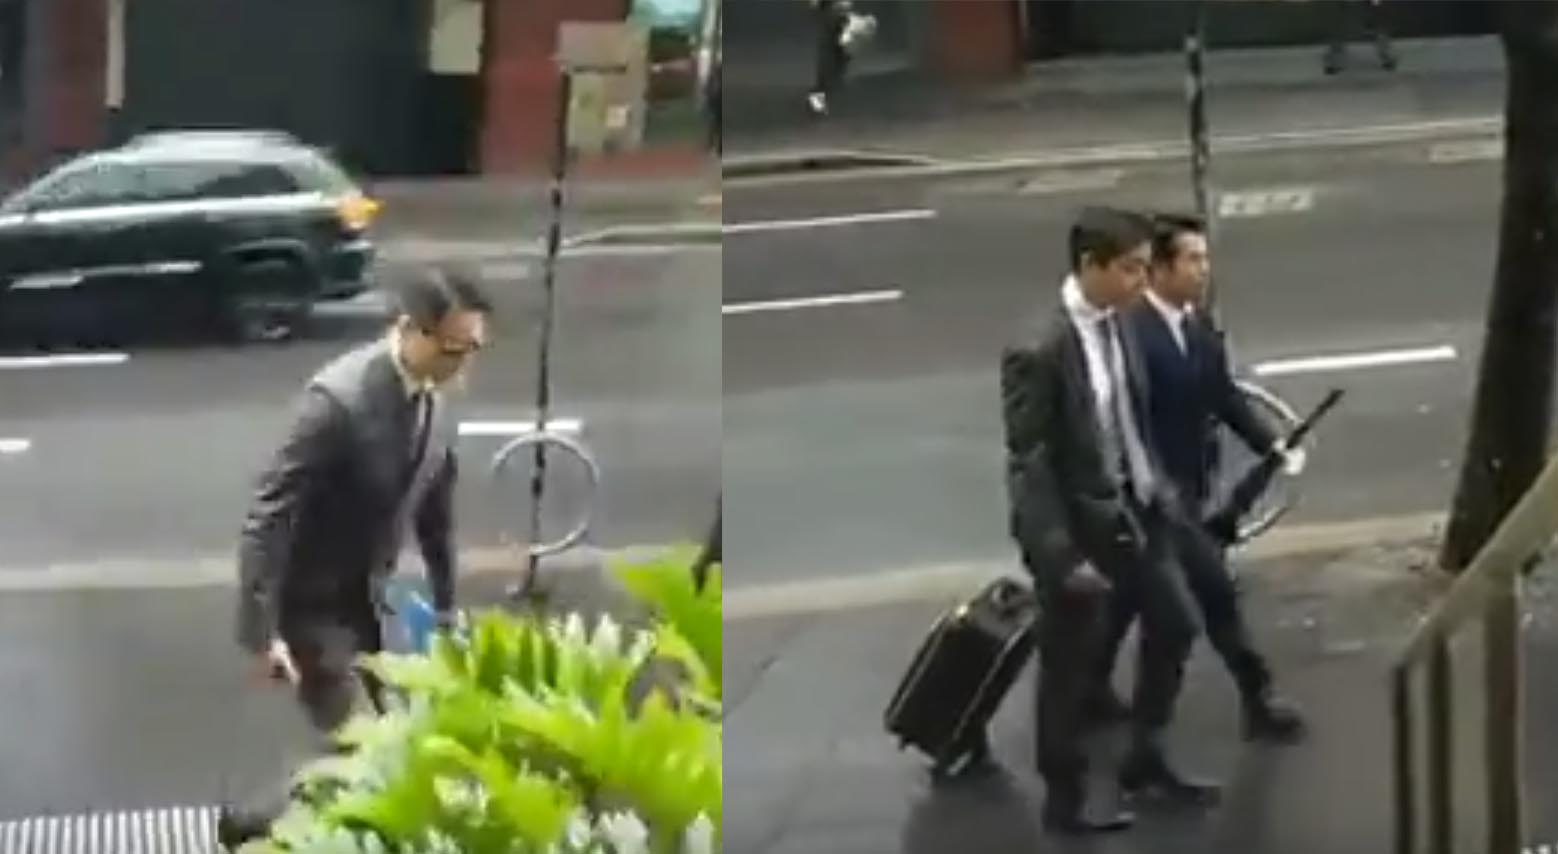 高云翔案最新消息2020 高云翔案证人证词曝光:当事女主与王晶接吻2分钟